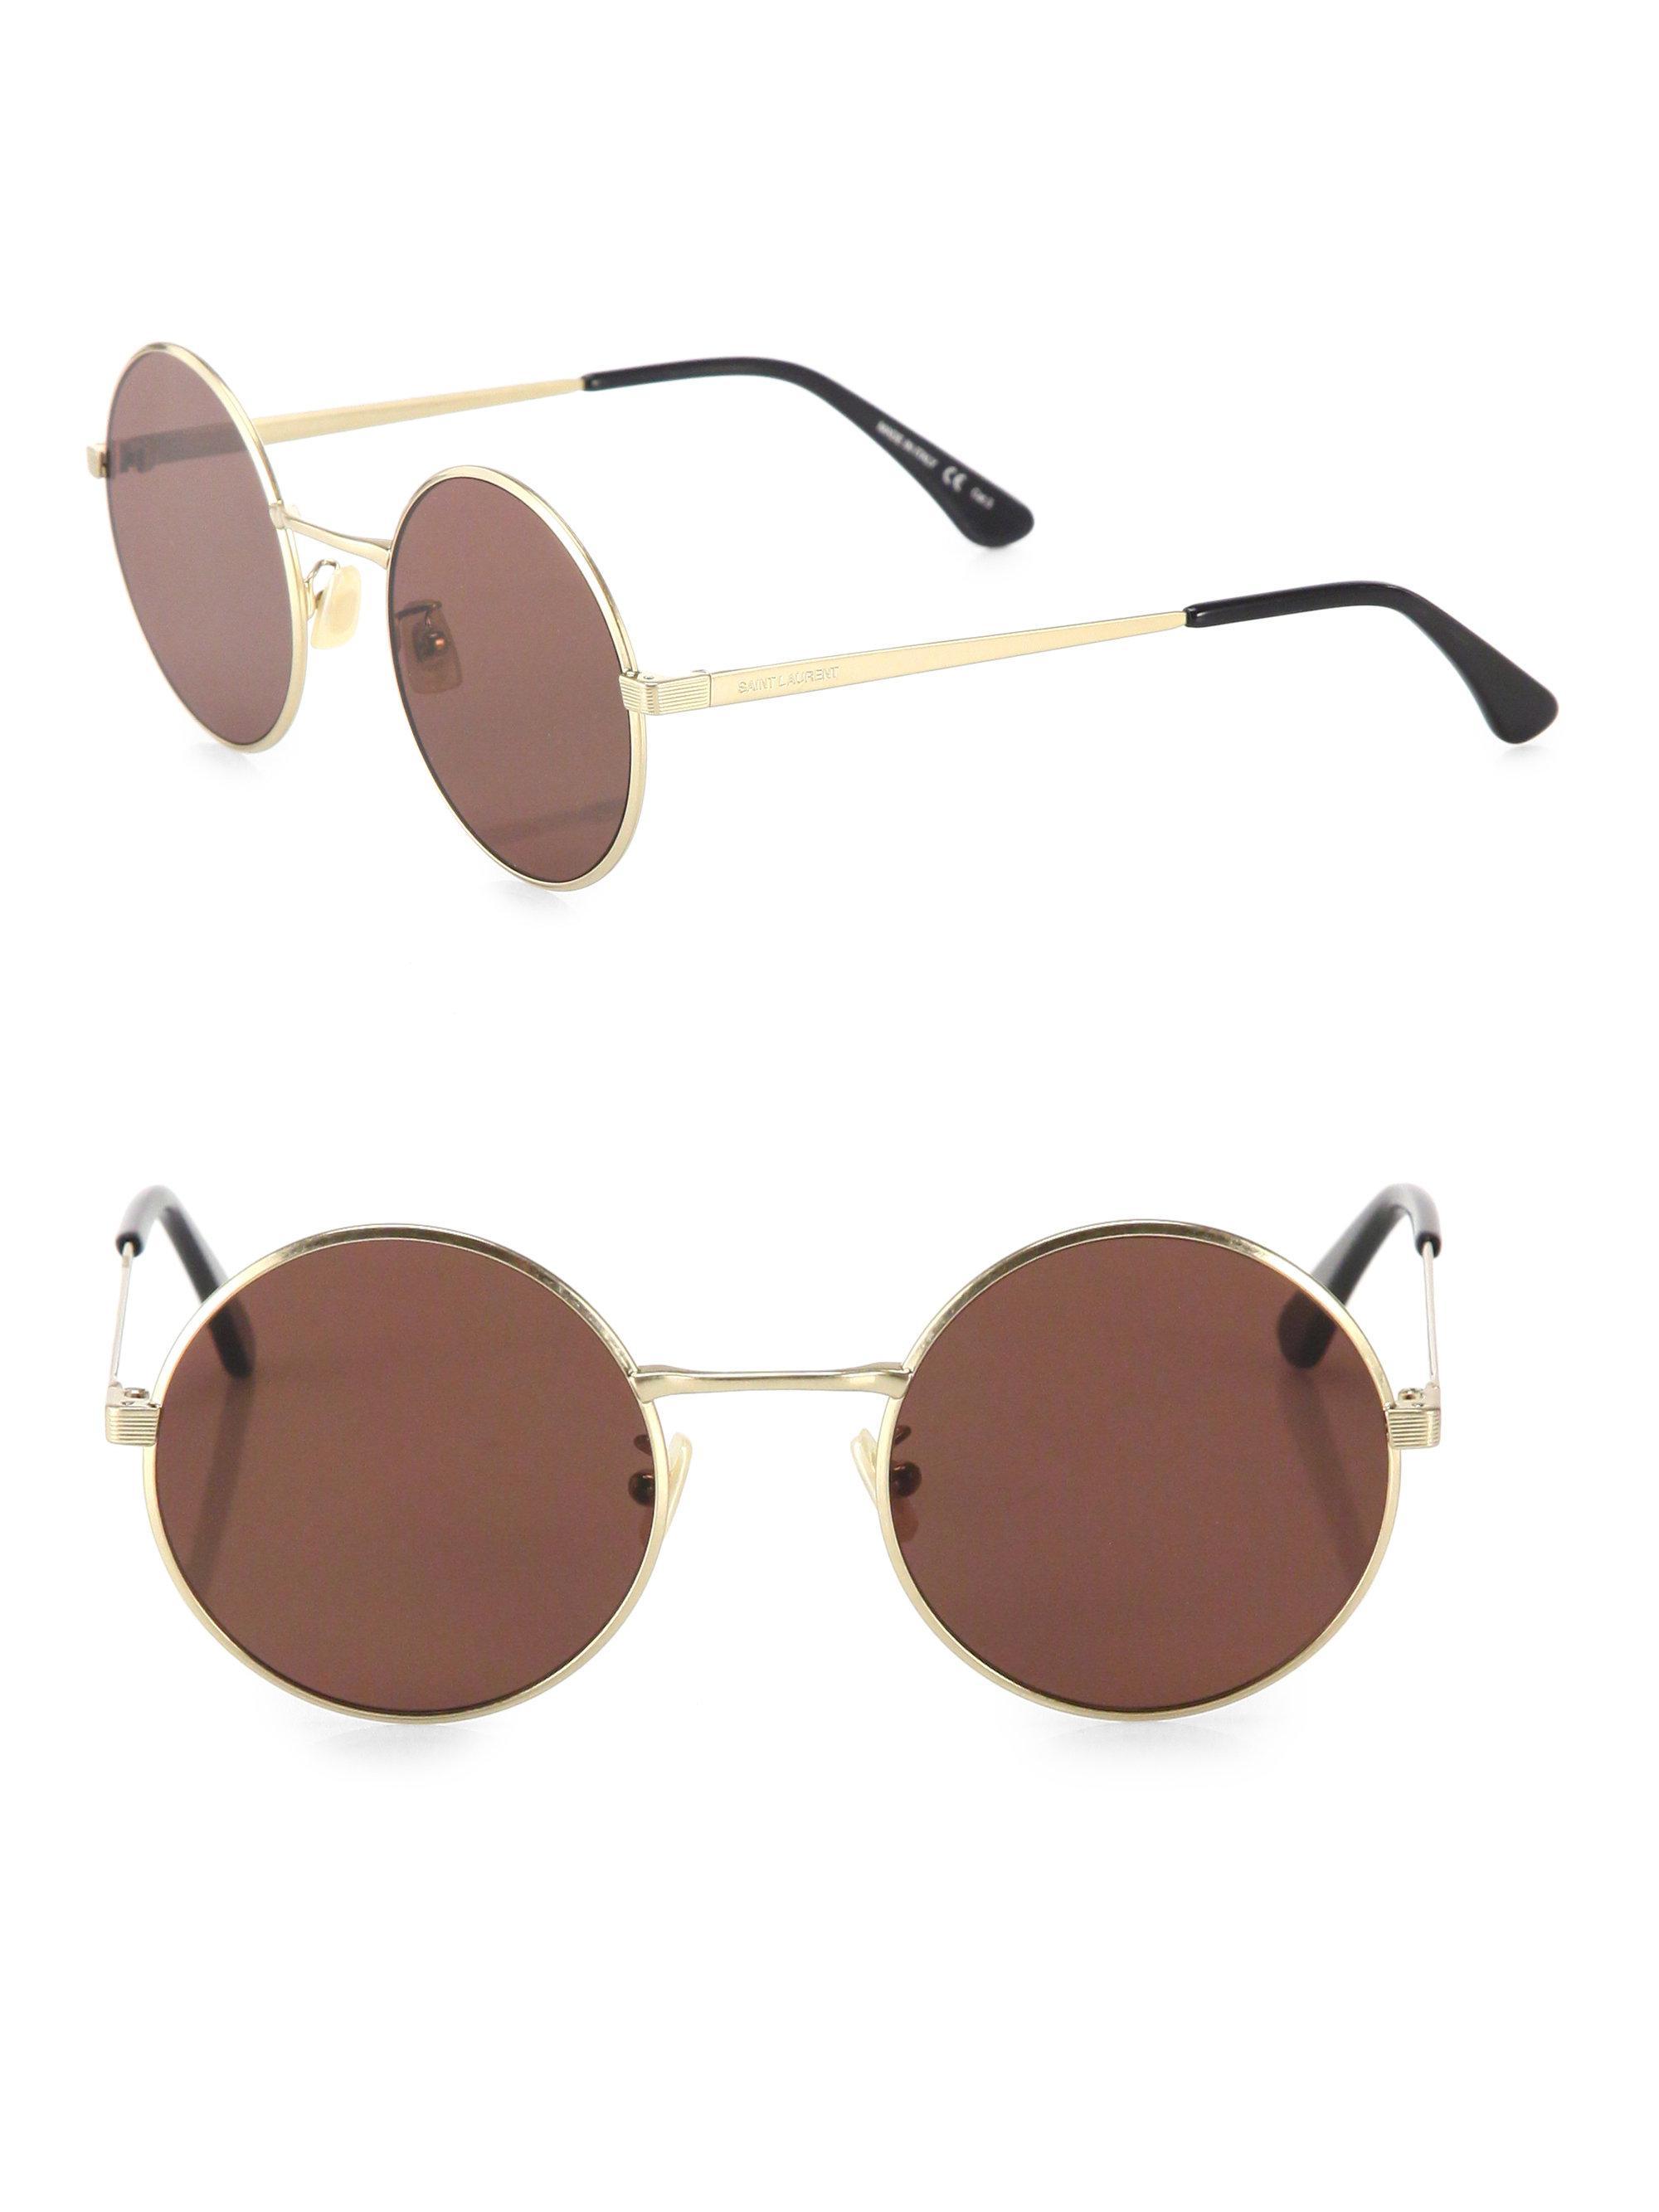 71c7080fb96 Saint laurent Sl 136 Zero 52mm Round Sunglasses in Metallic